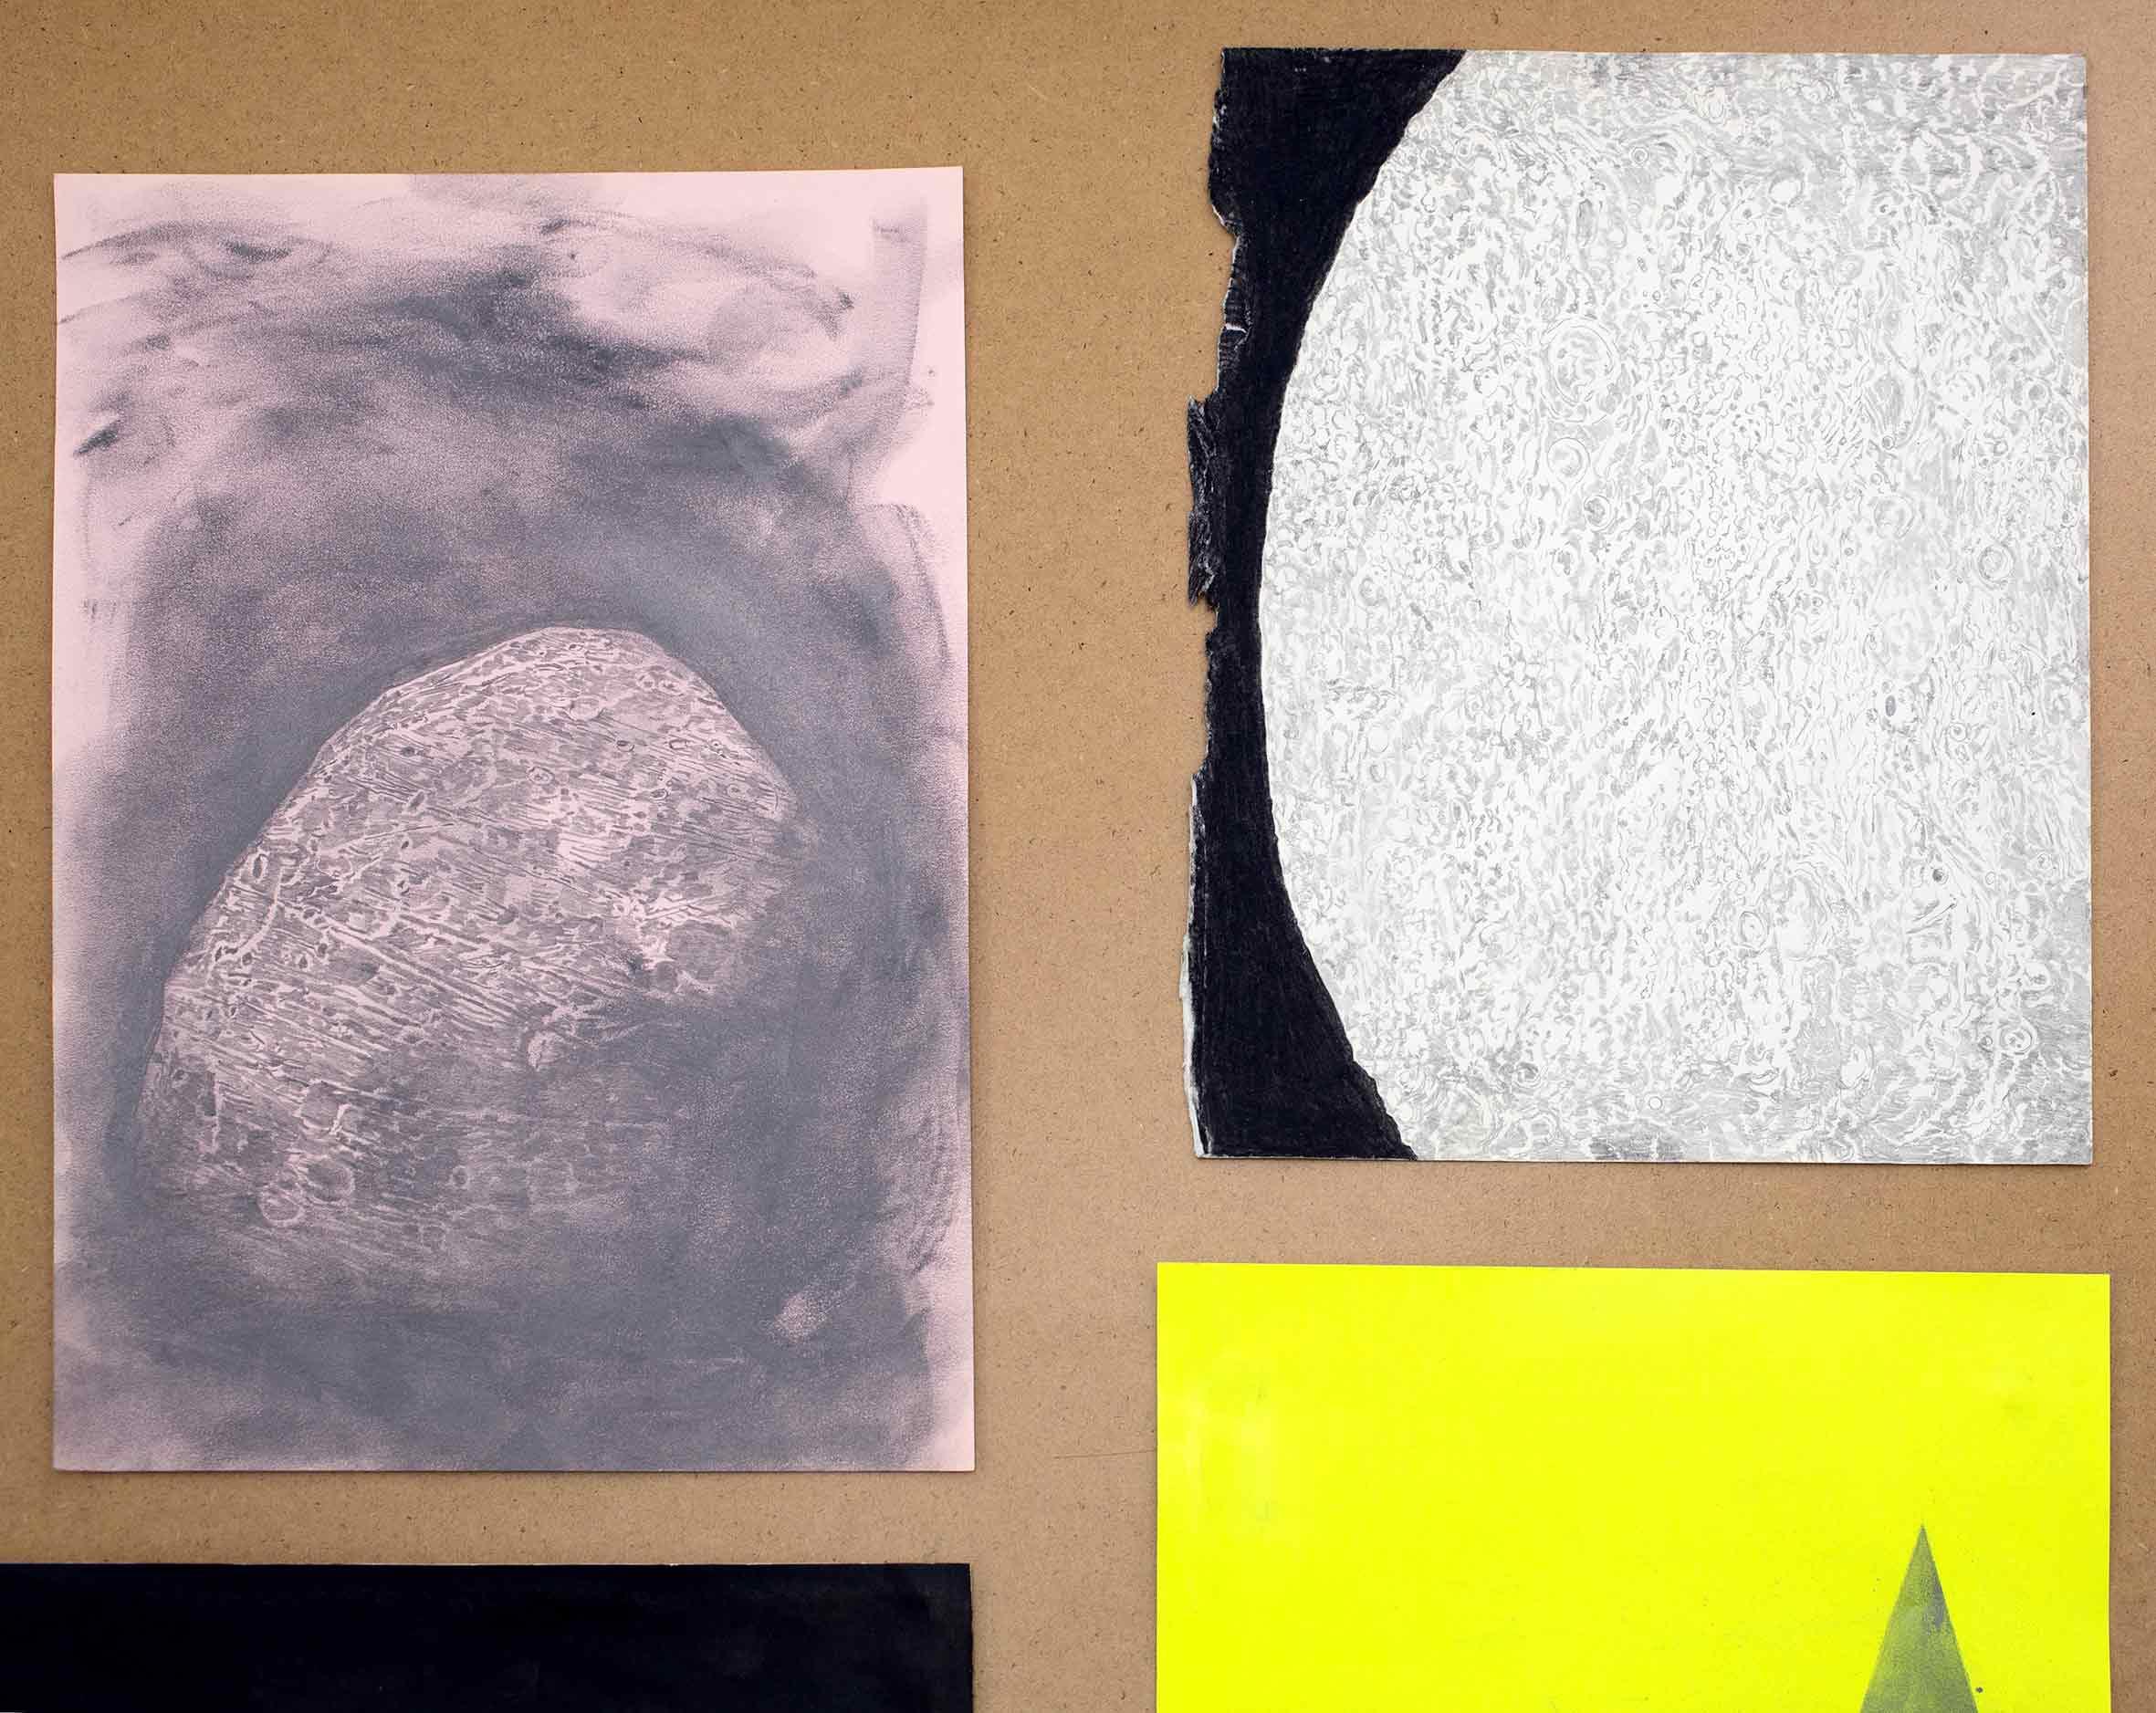 """Detailansicht """"in a dream of suns and moons"""", Graphit auf Papier (Foto: Krinzinger Projekte / Jasha Greenberg)"""